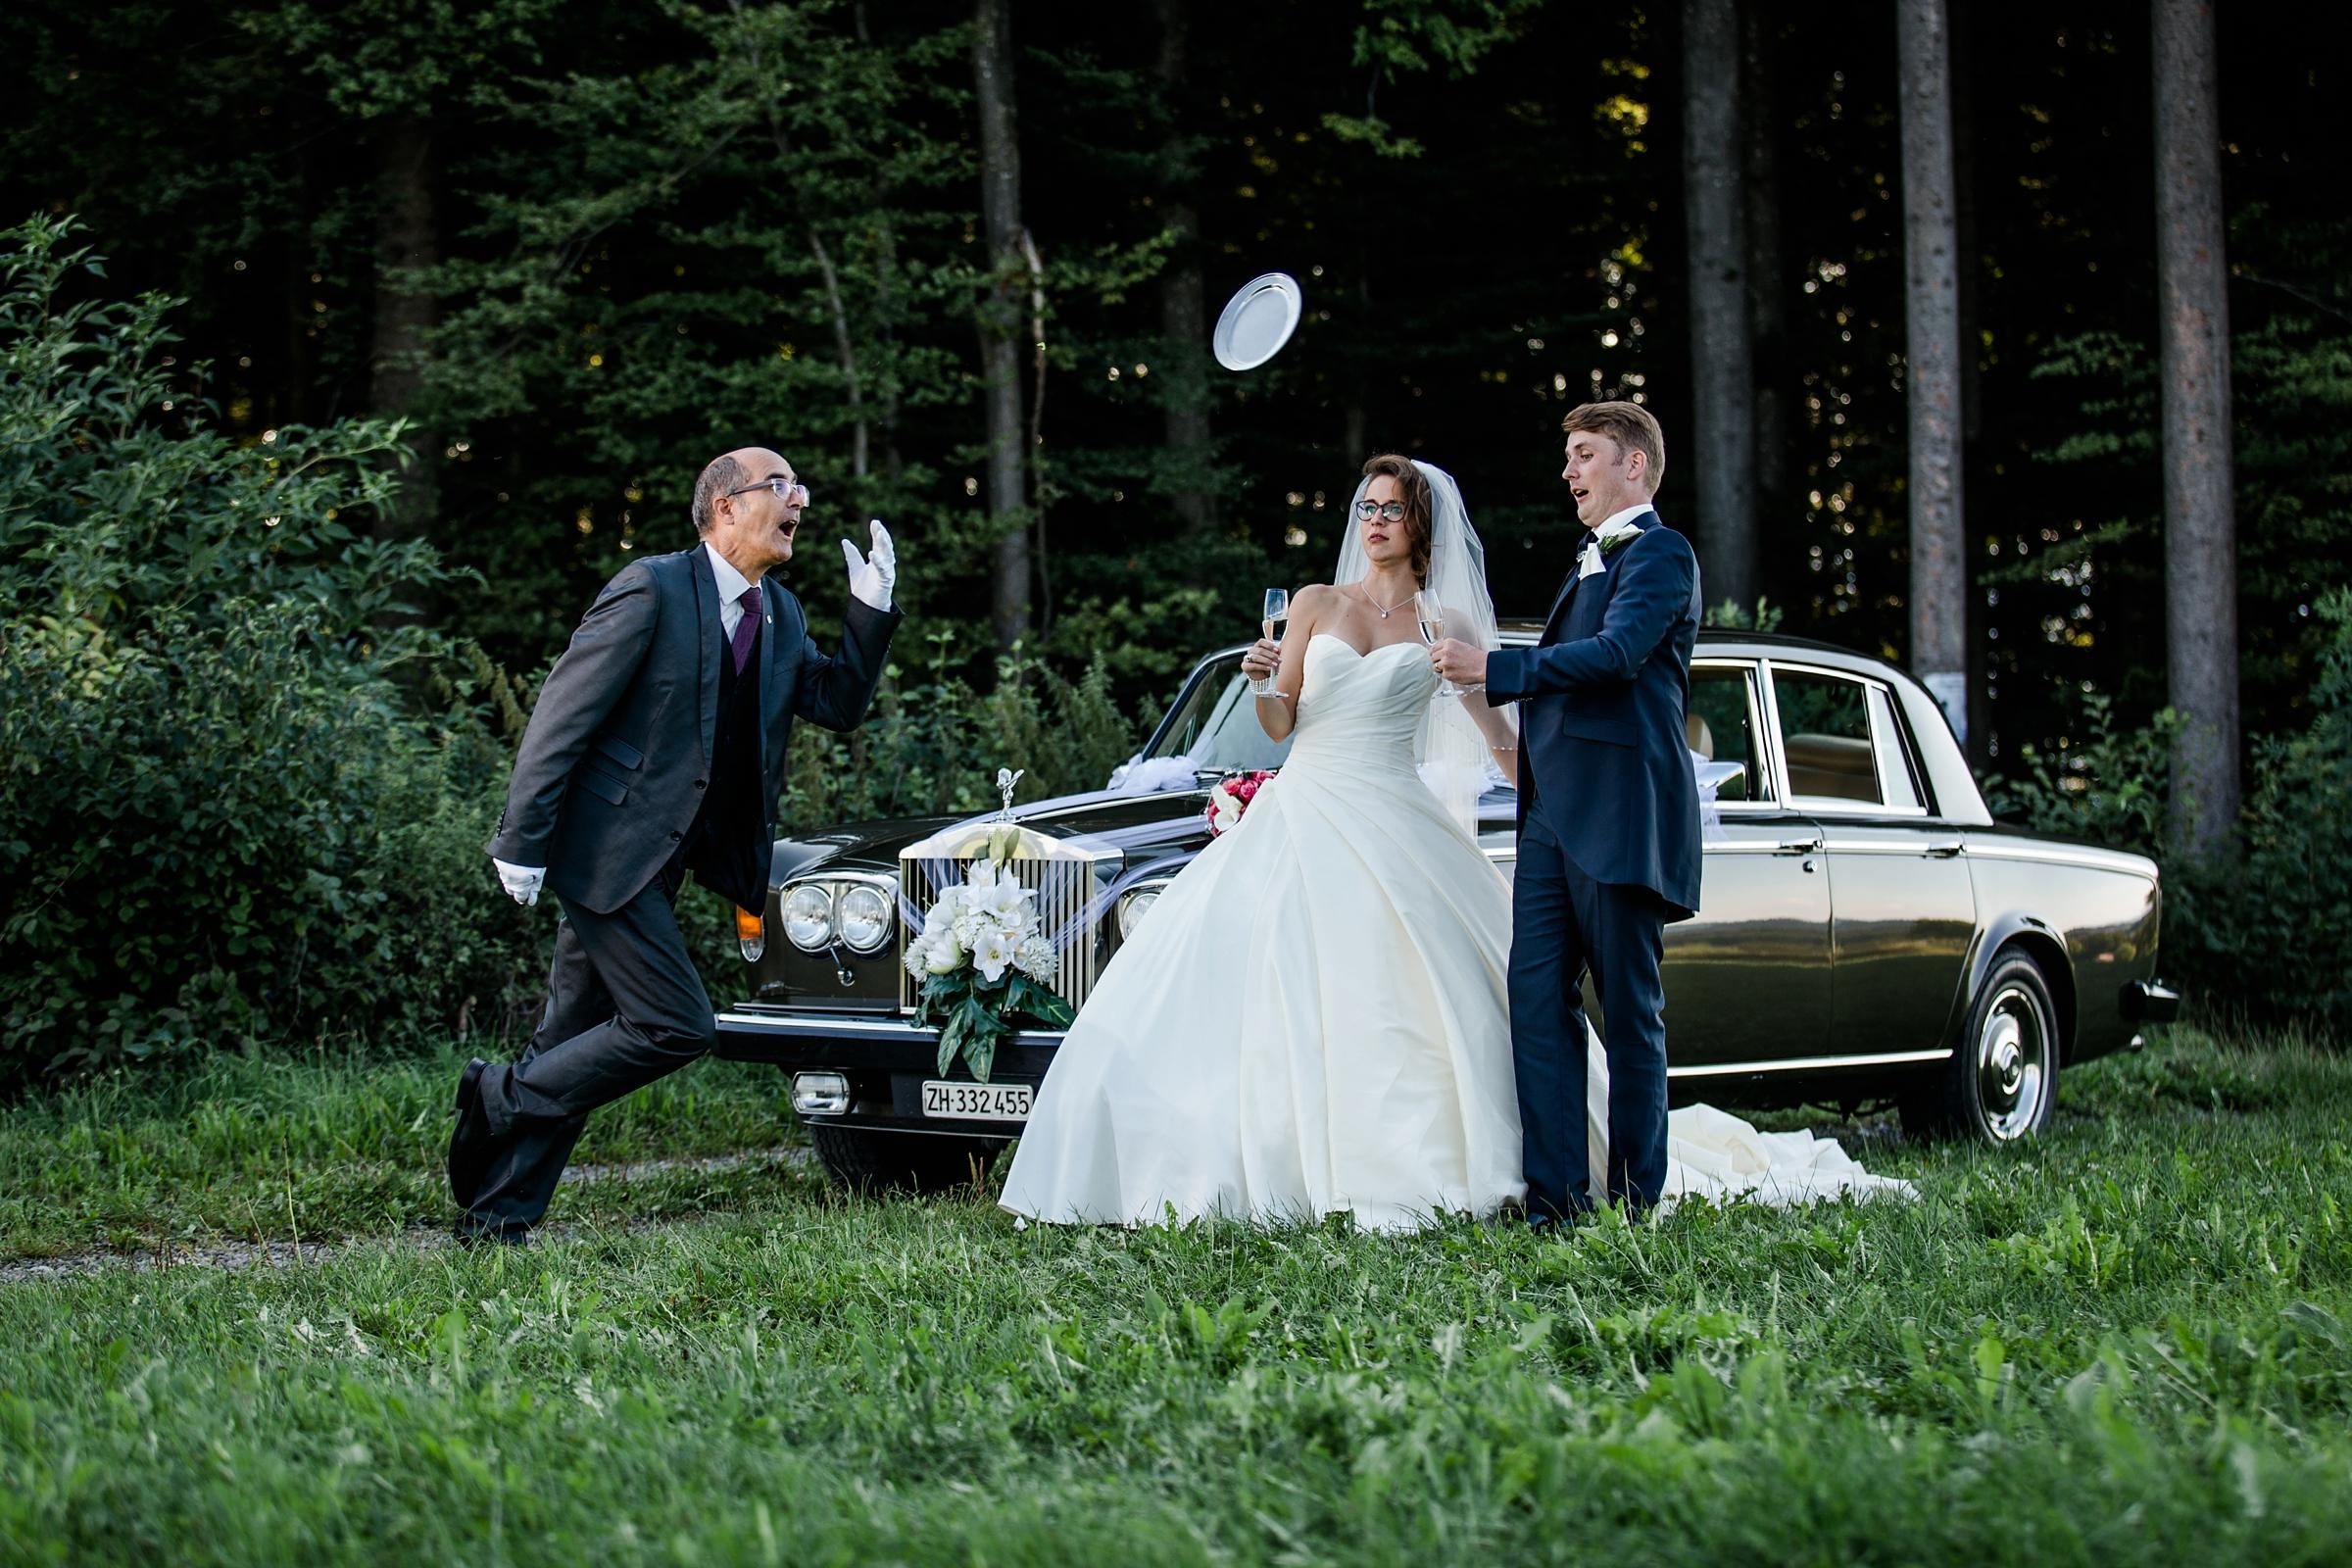 Hochzeitsfotograf Schweiz lustig Brautpaar Dinner-for-one Rolls-Royce-James Butler